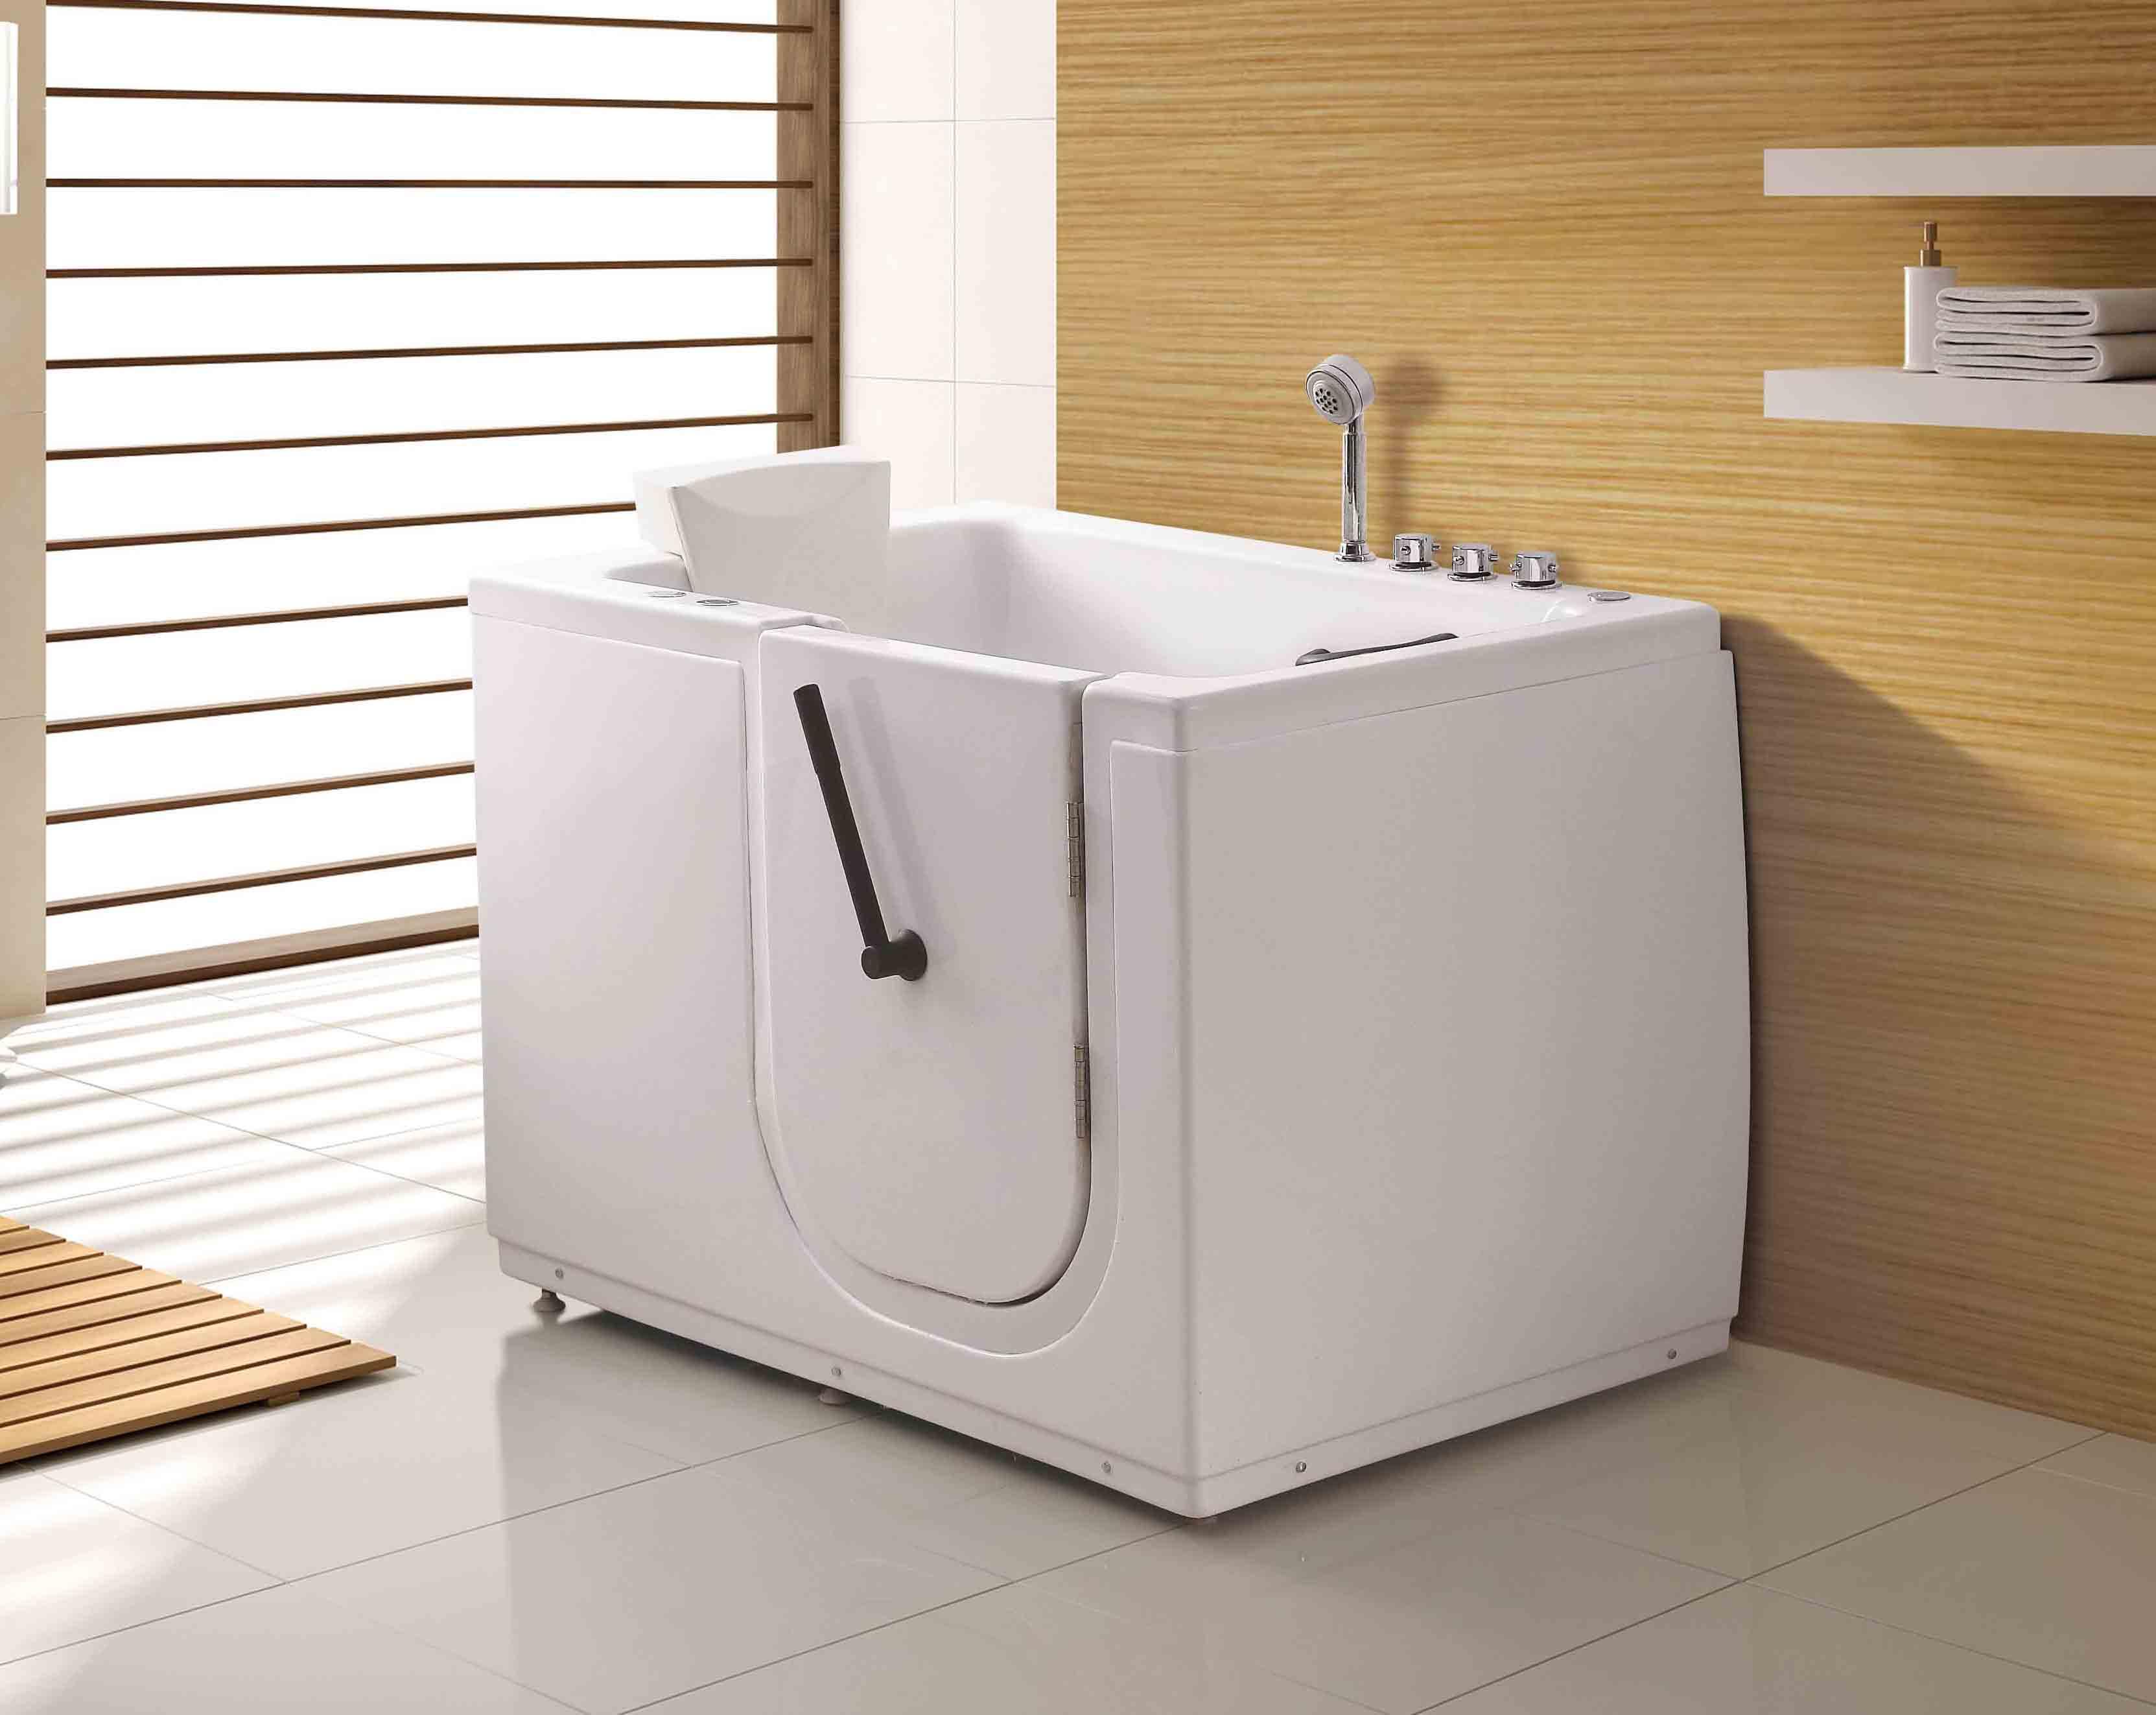 Portable Walk In Bathtub Walk In Bathtub China Bathtub For Old People And Dis